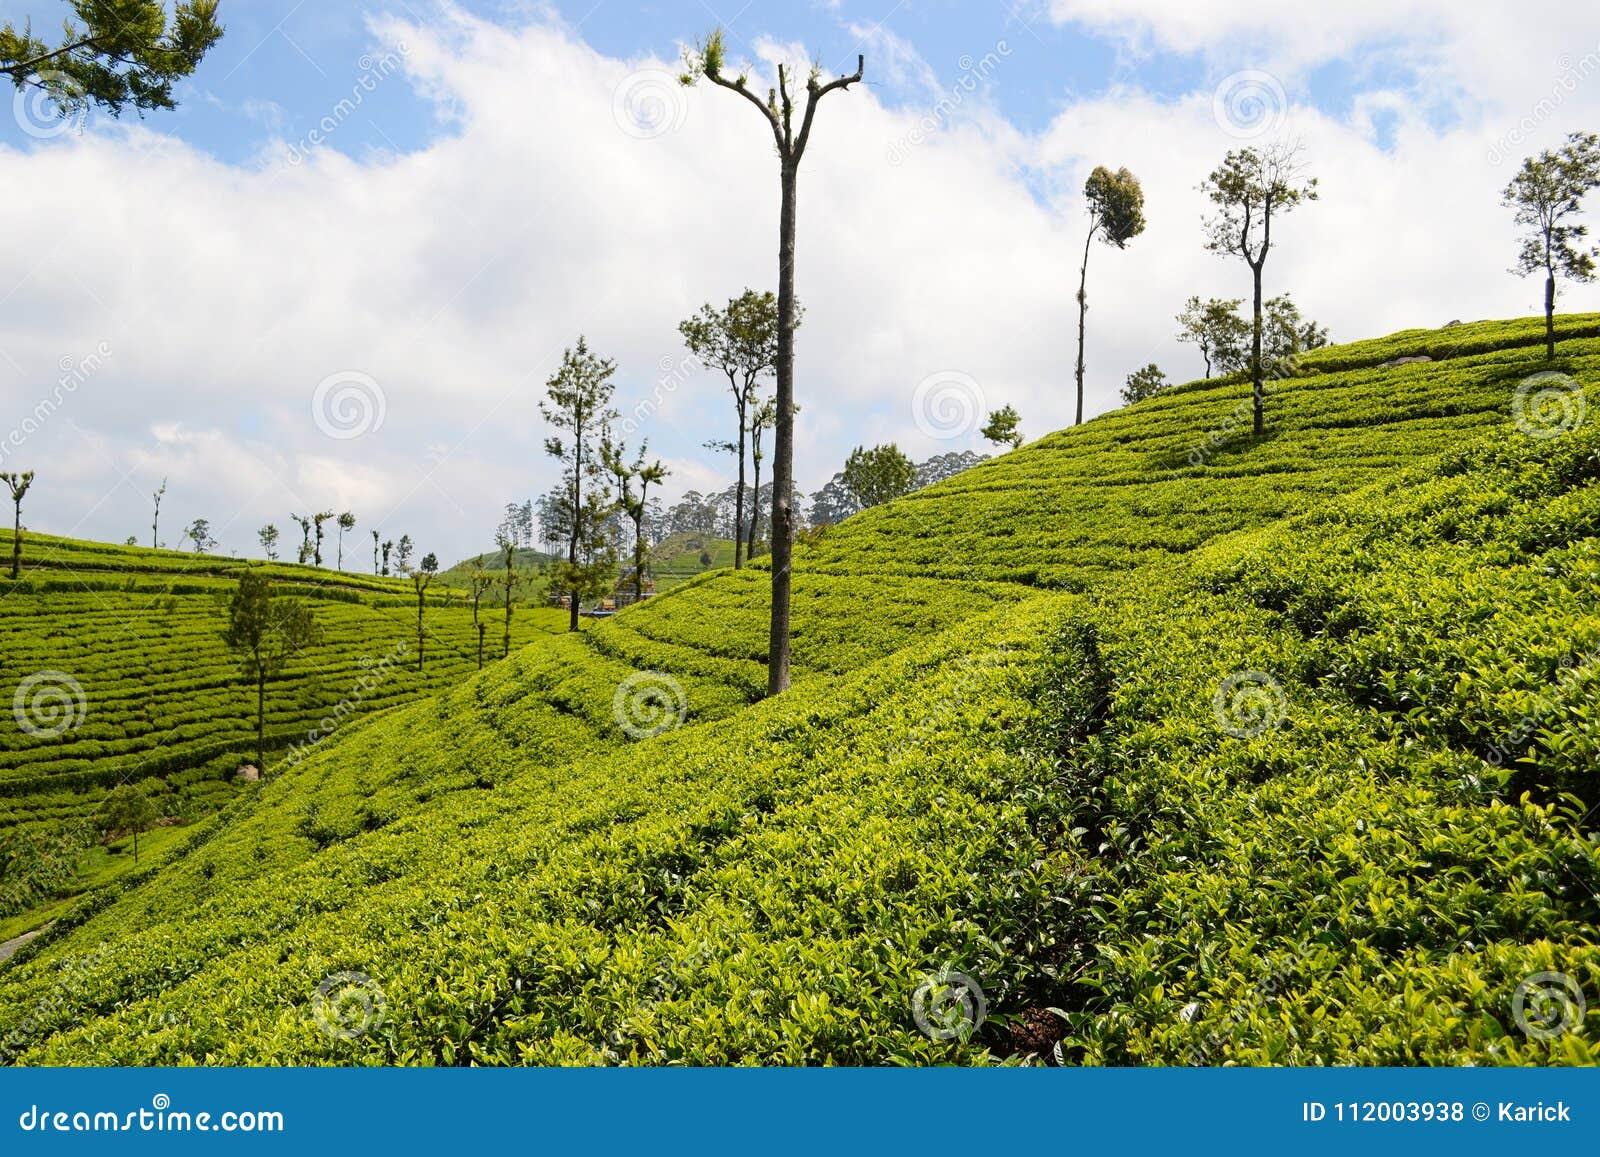 锡兰茶的绿色种植园